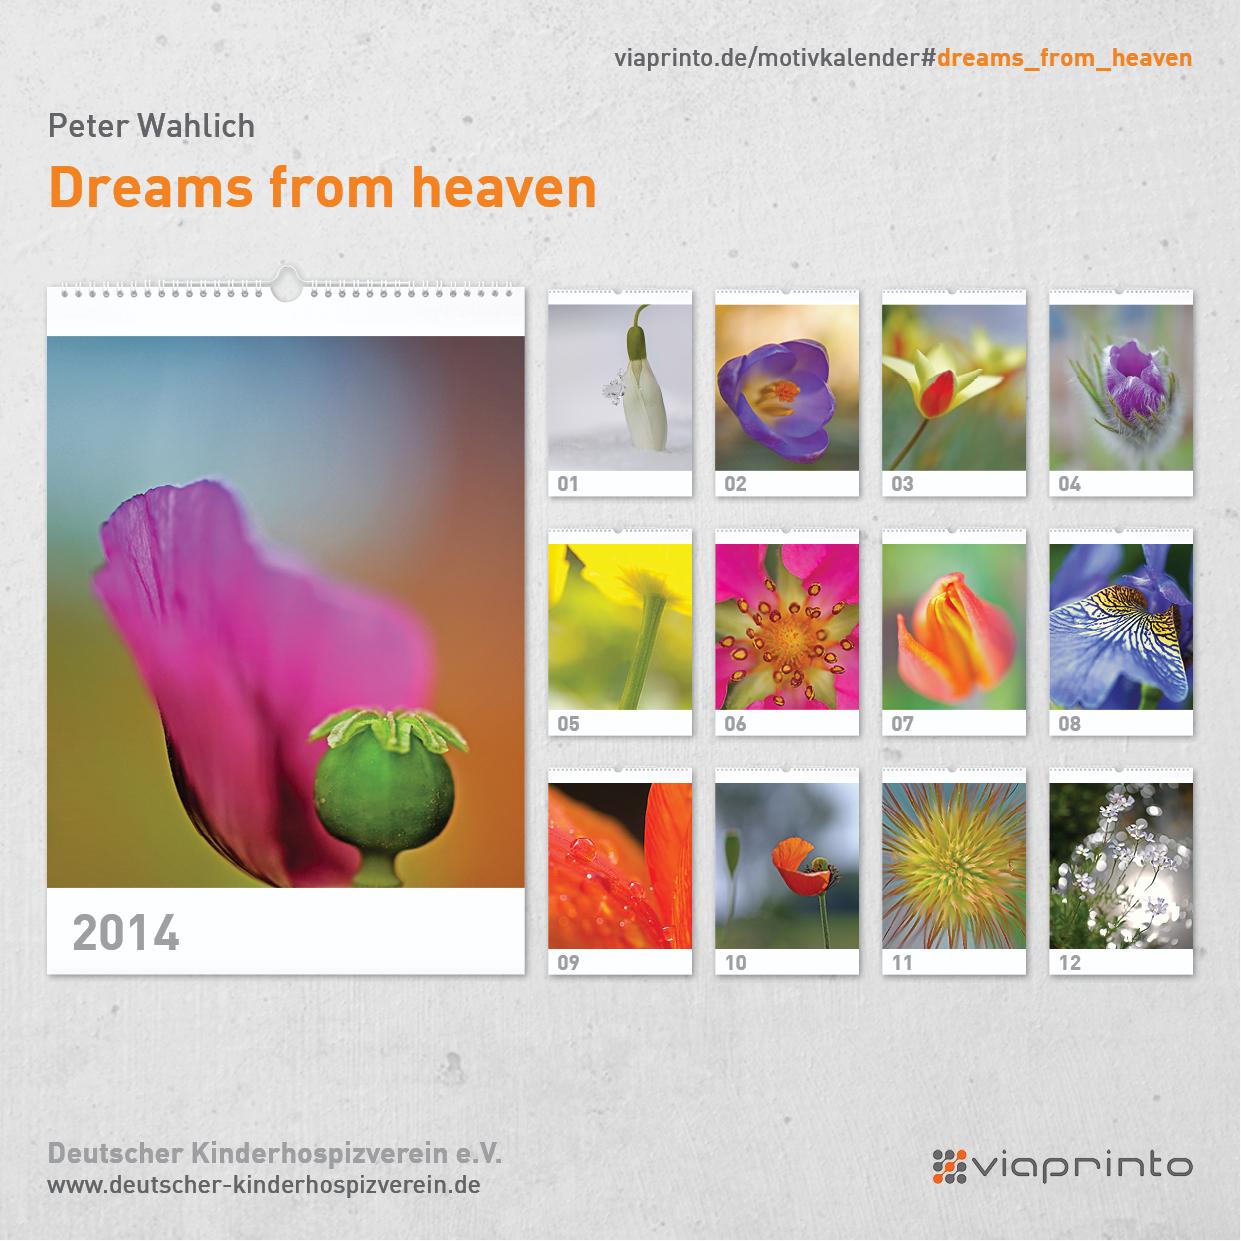 https://www.viaprinto.de/motivkalender#/dreams_from_heaven